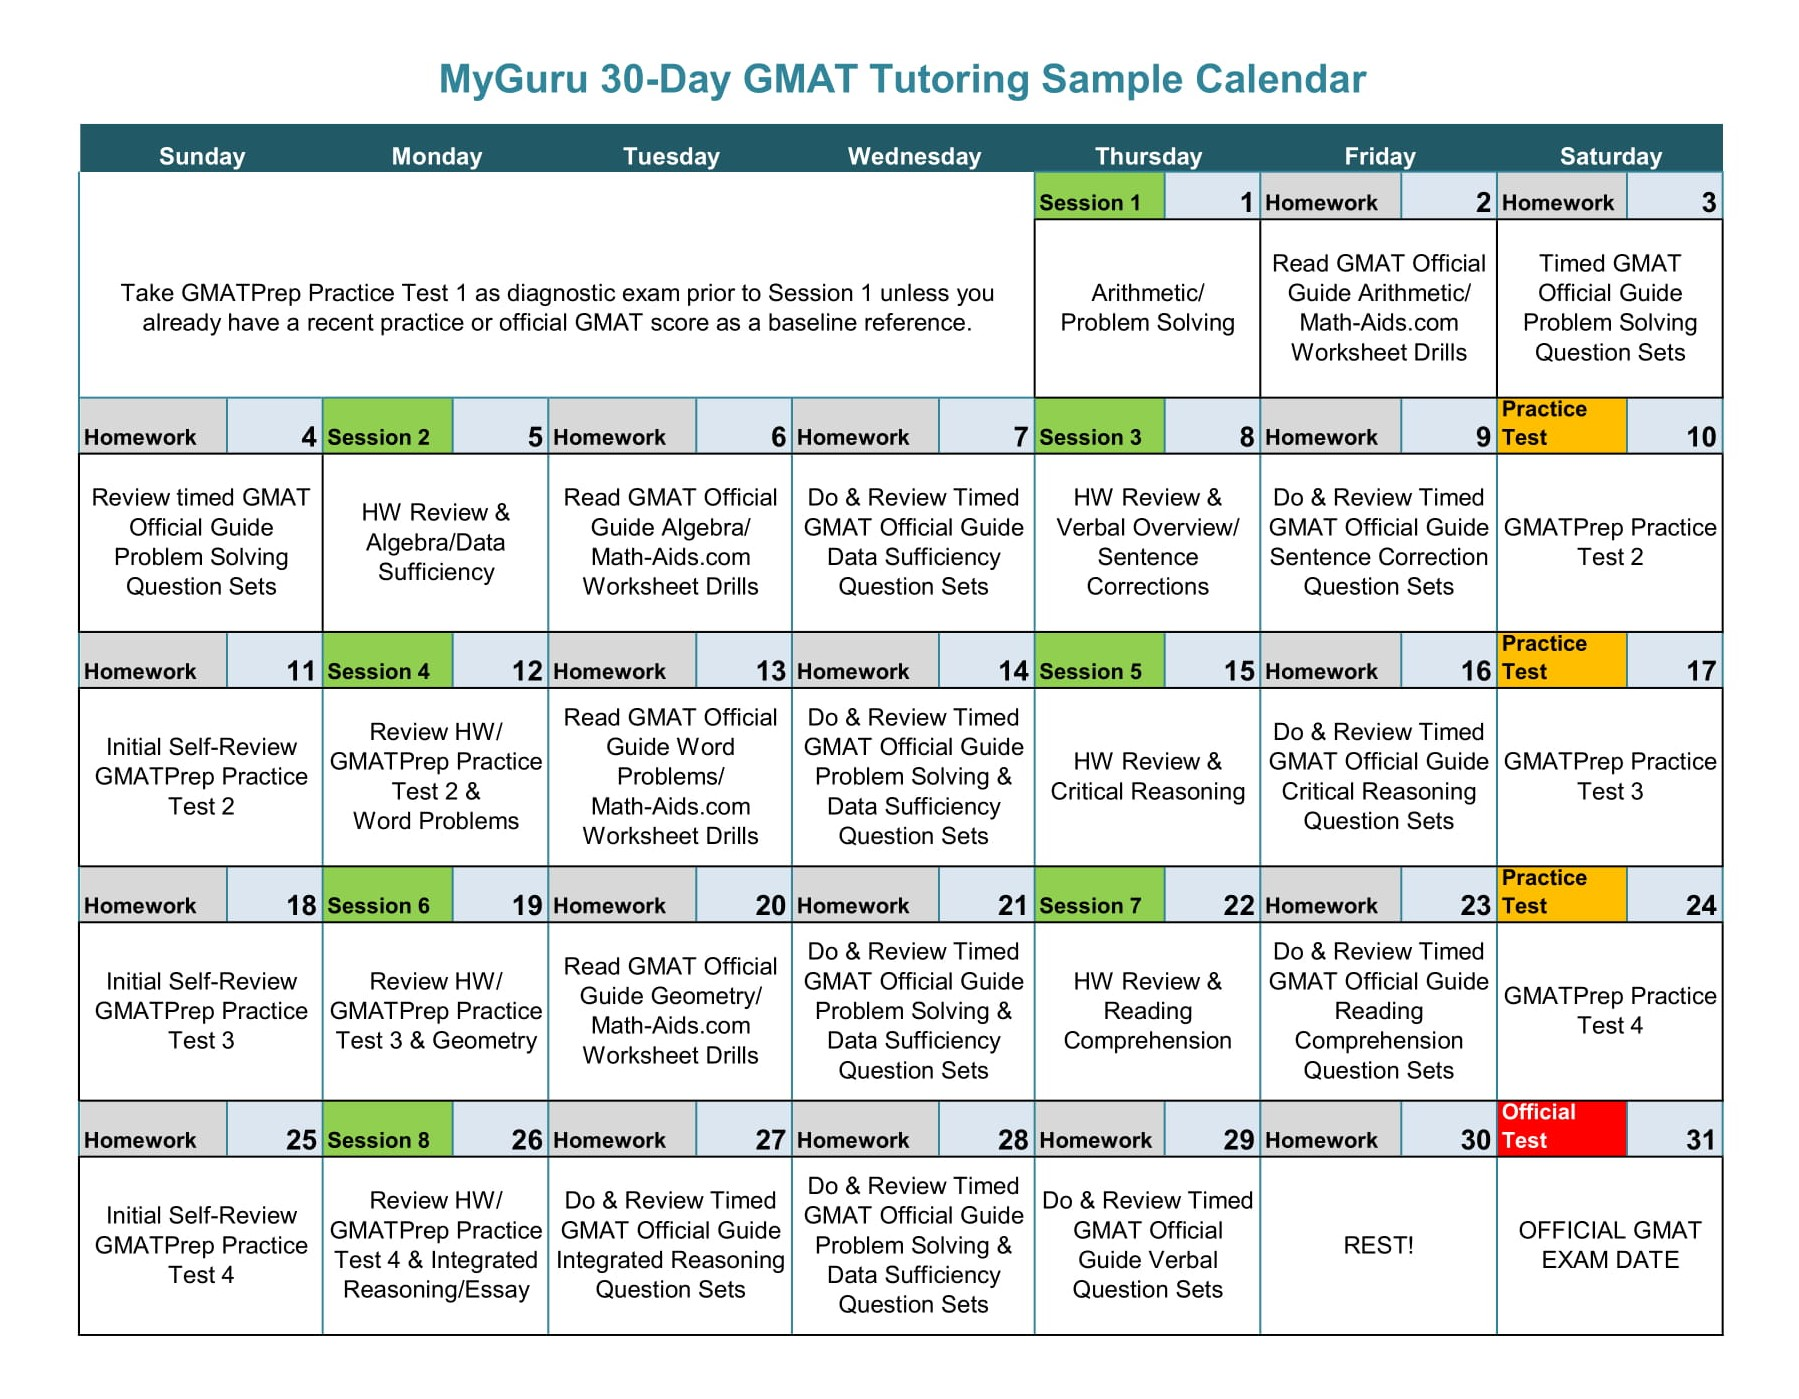 My Guru One Month GMAT Calendar.jpg